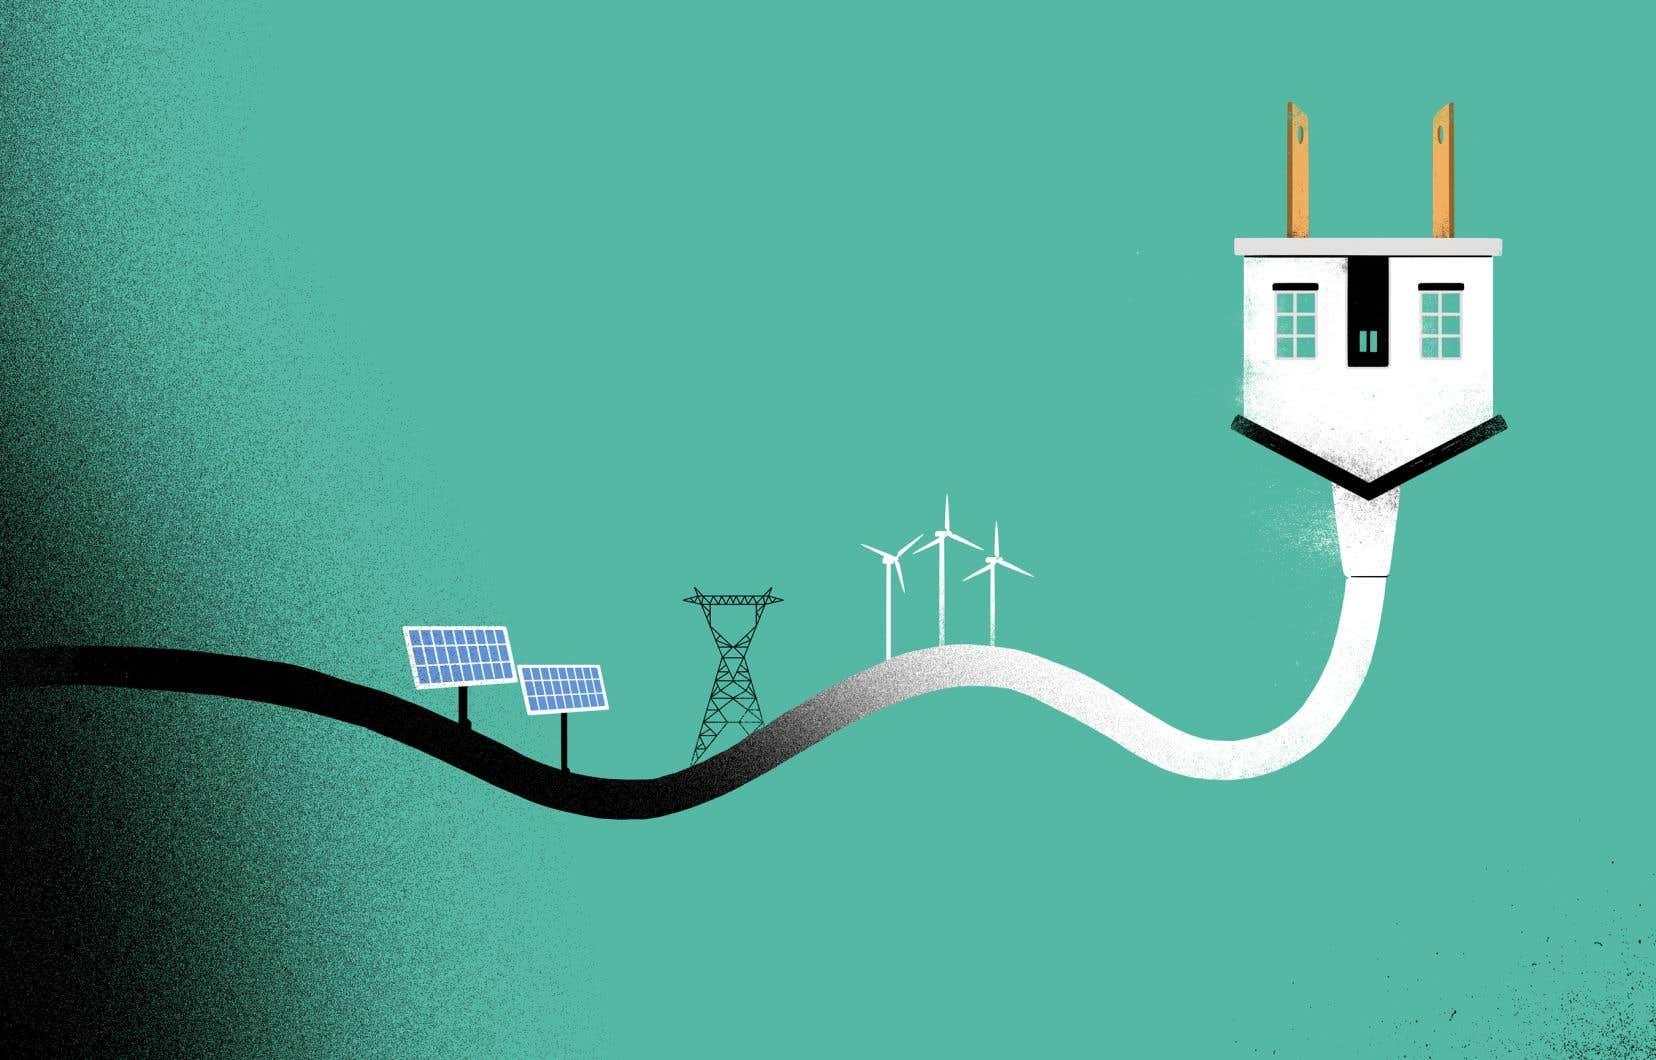 «Le Québec s'est fixé des objectifs ambitieux de diminution de gaz à effet de serre d'ici 2030. Pour les atteindre, nous avons besoin d'un cocktail de solutions énergétiques diversifiées.»